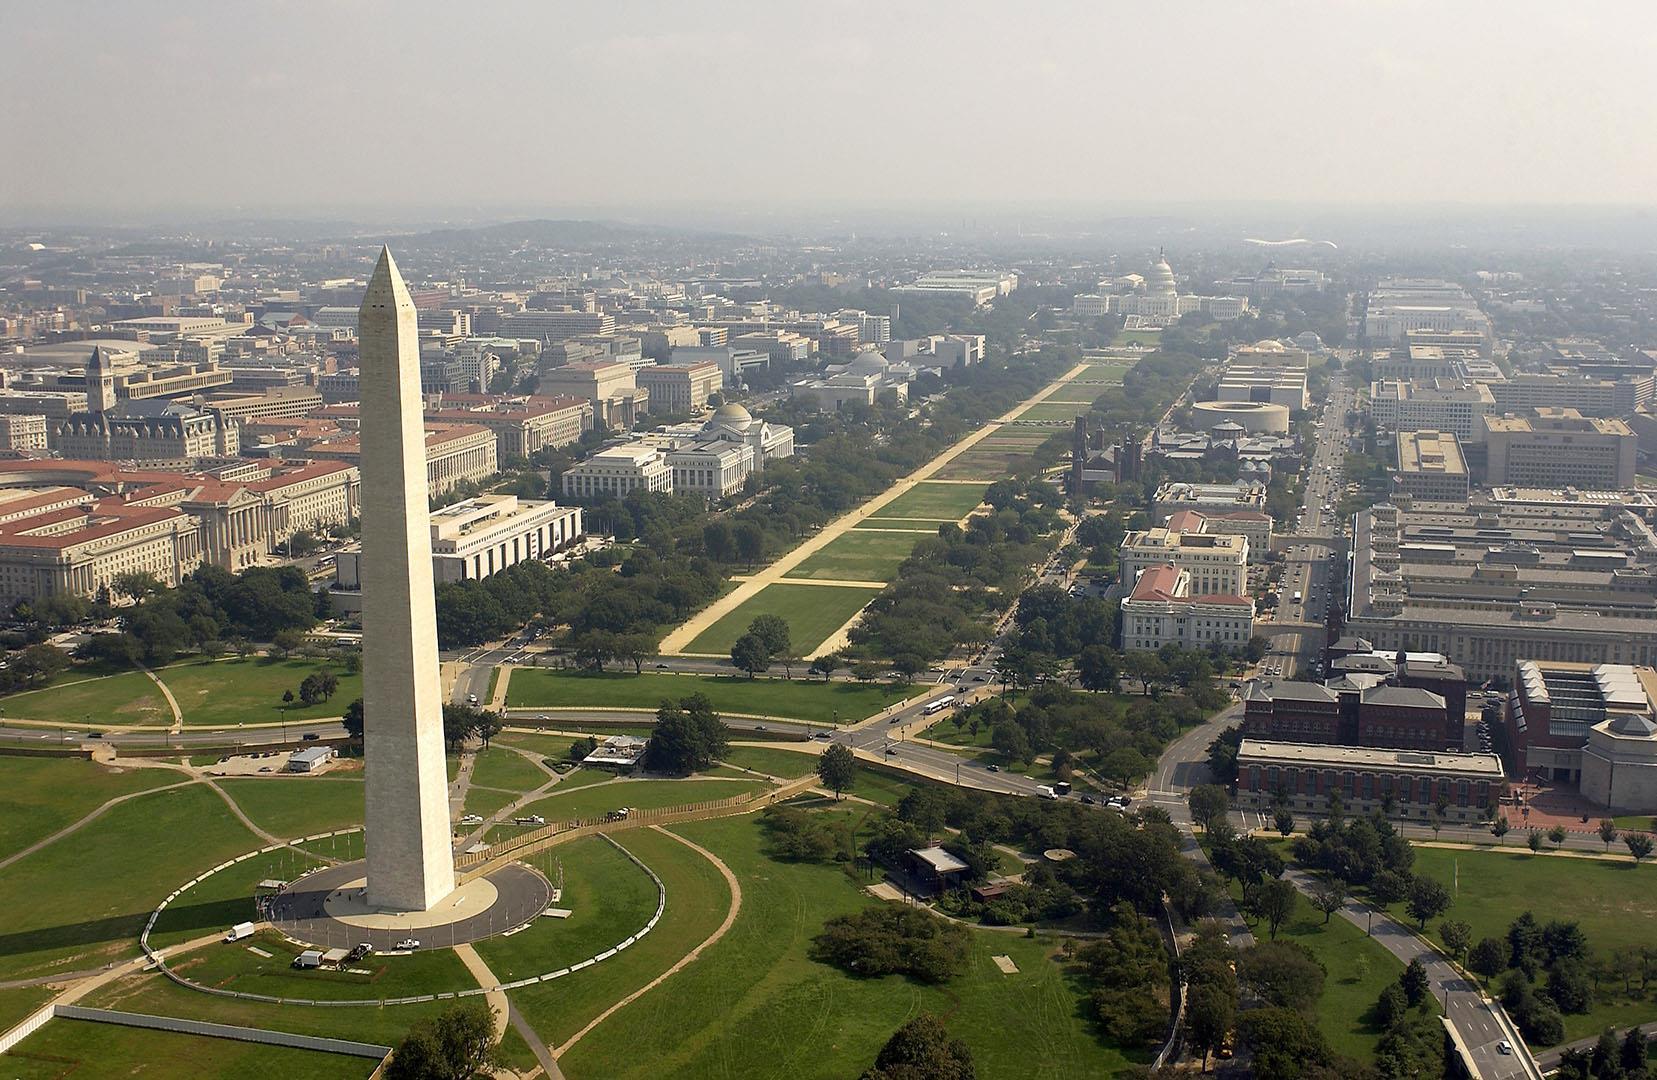 L'obélisque de Washington rouvre au public